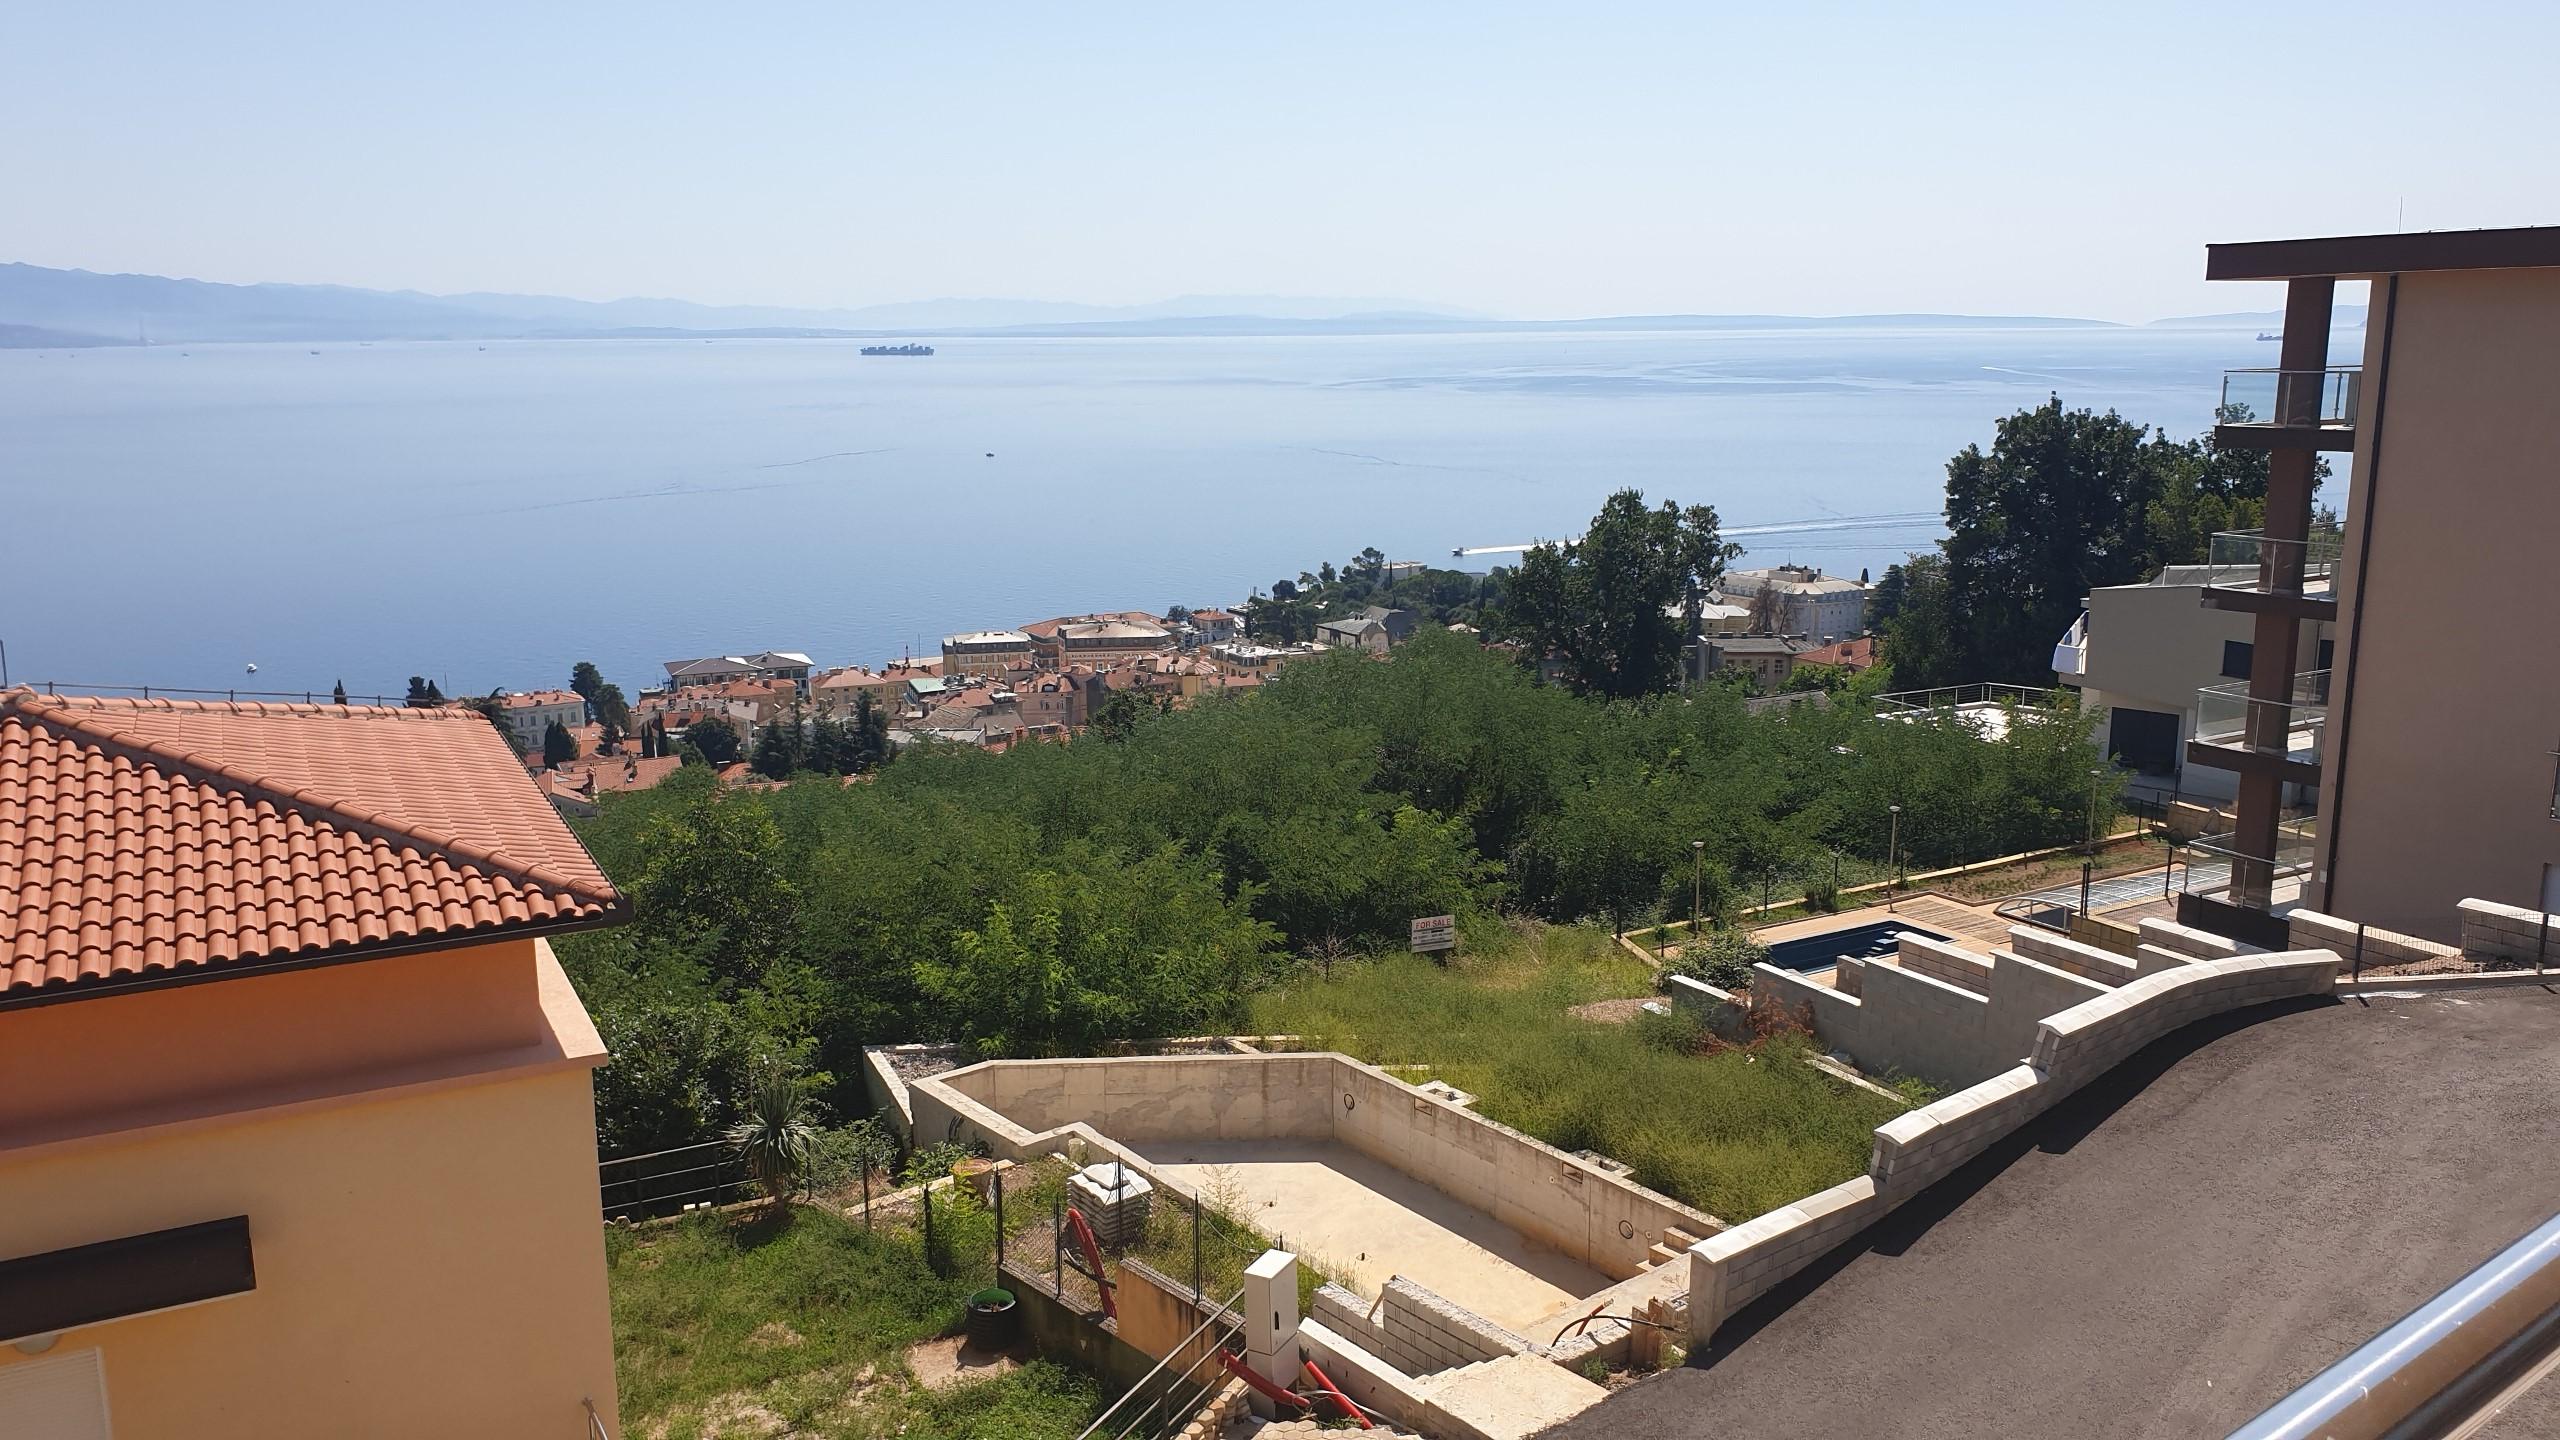 Luxus-immobilien Kroatien Farkaš verkauft neue luxus-wohnungen, Opatija